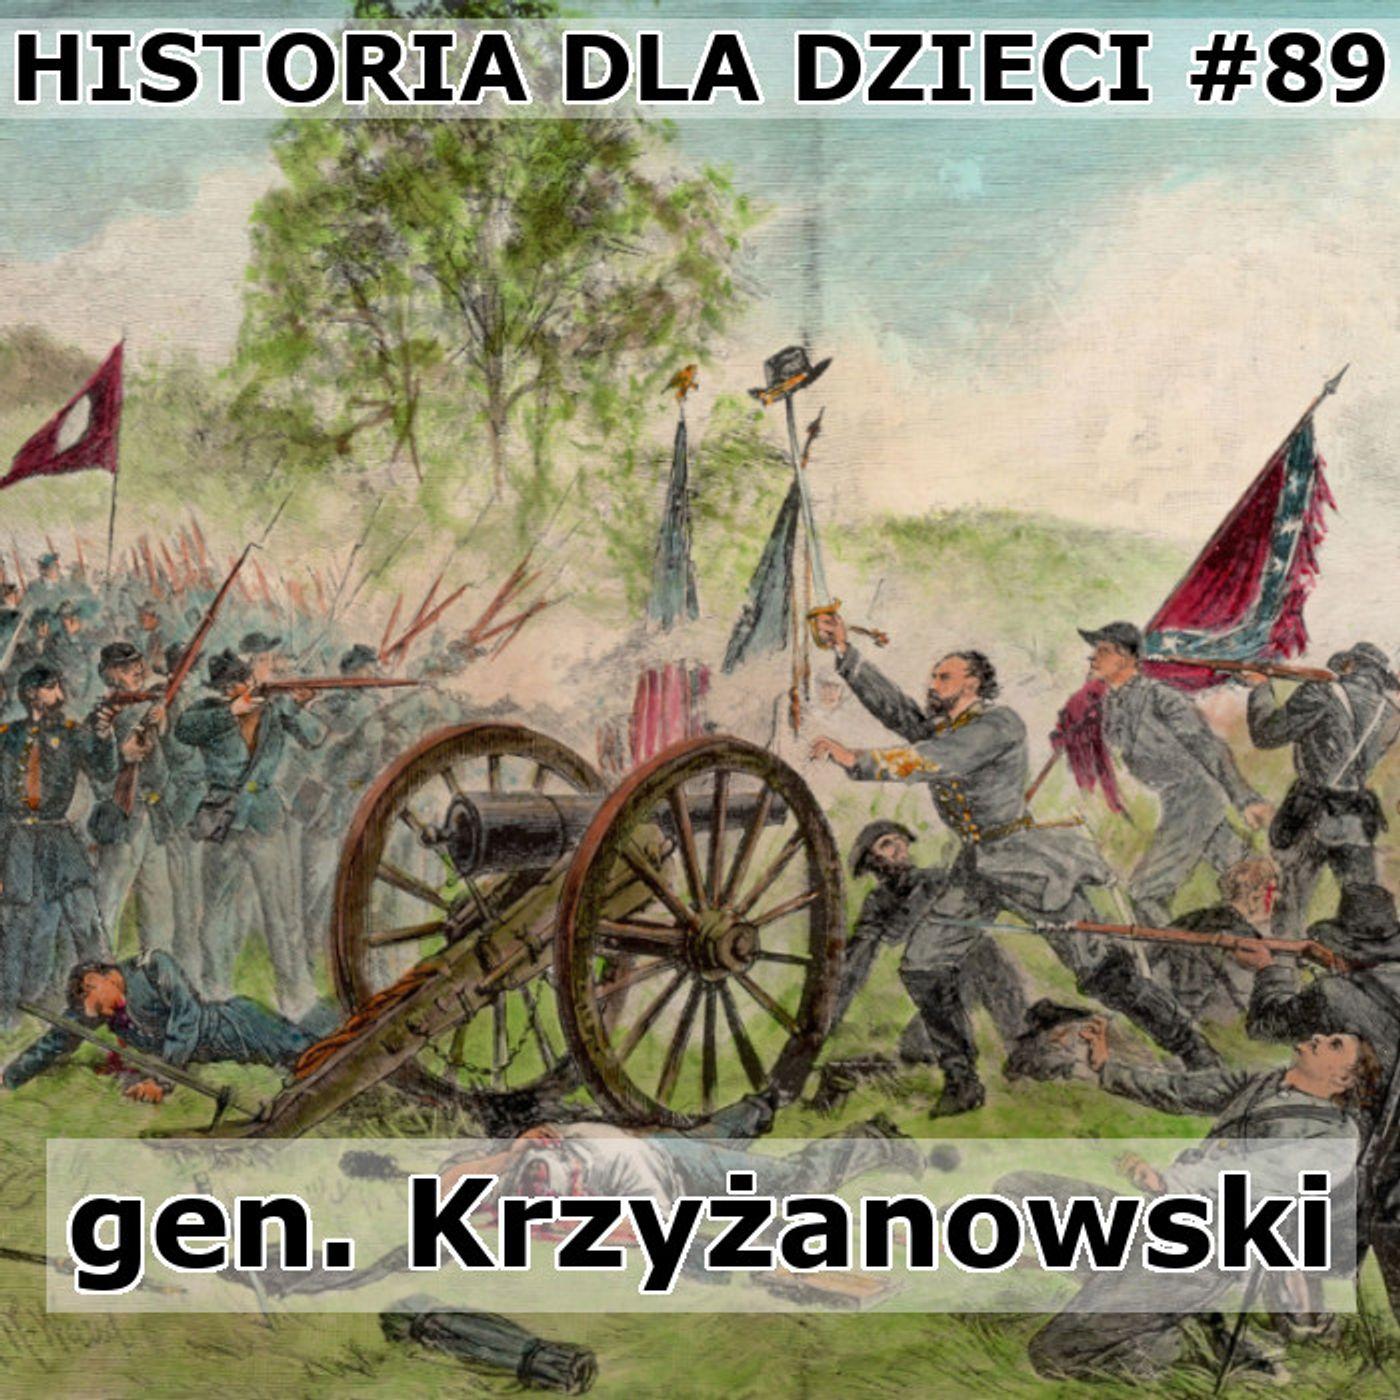 89 - gen. Krzyżanowski